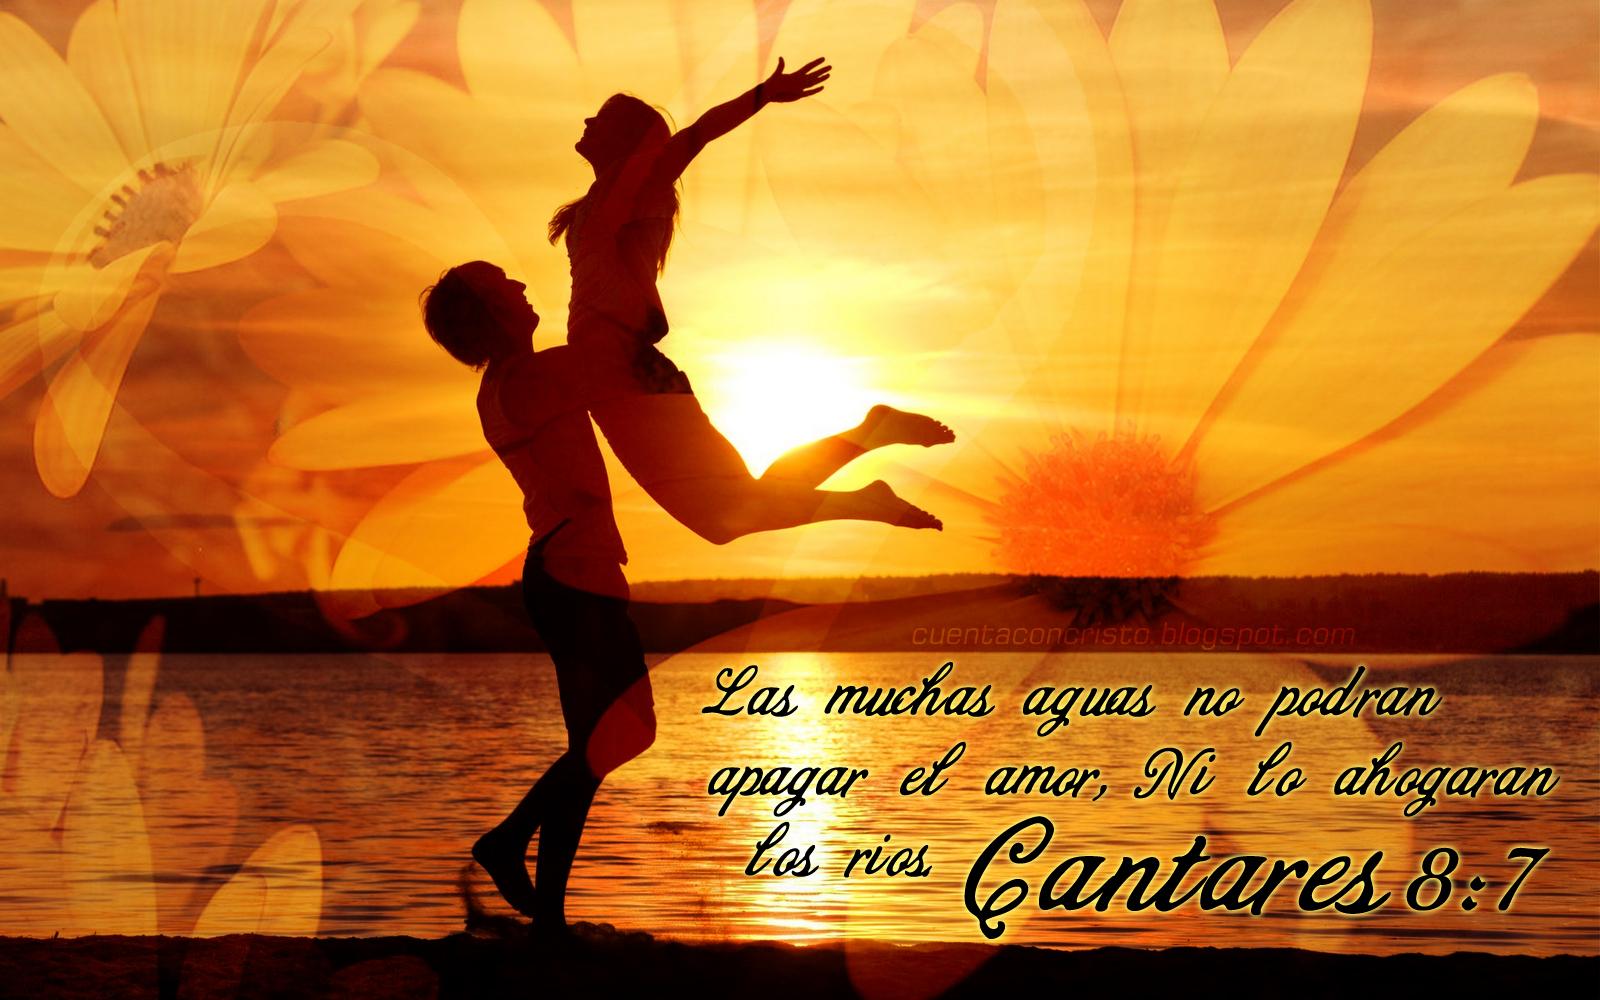 Las muchas aguas no podrán apagar el amor, ni lo ahogarán los ríos